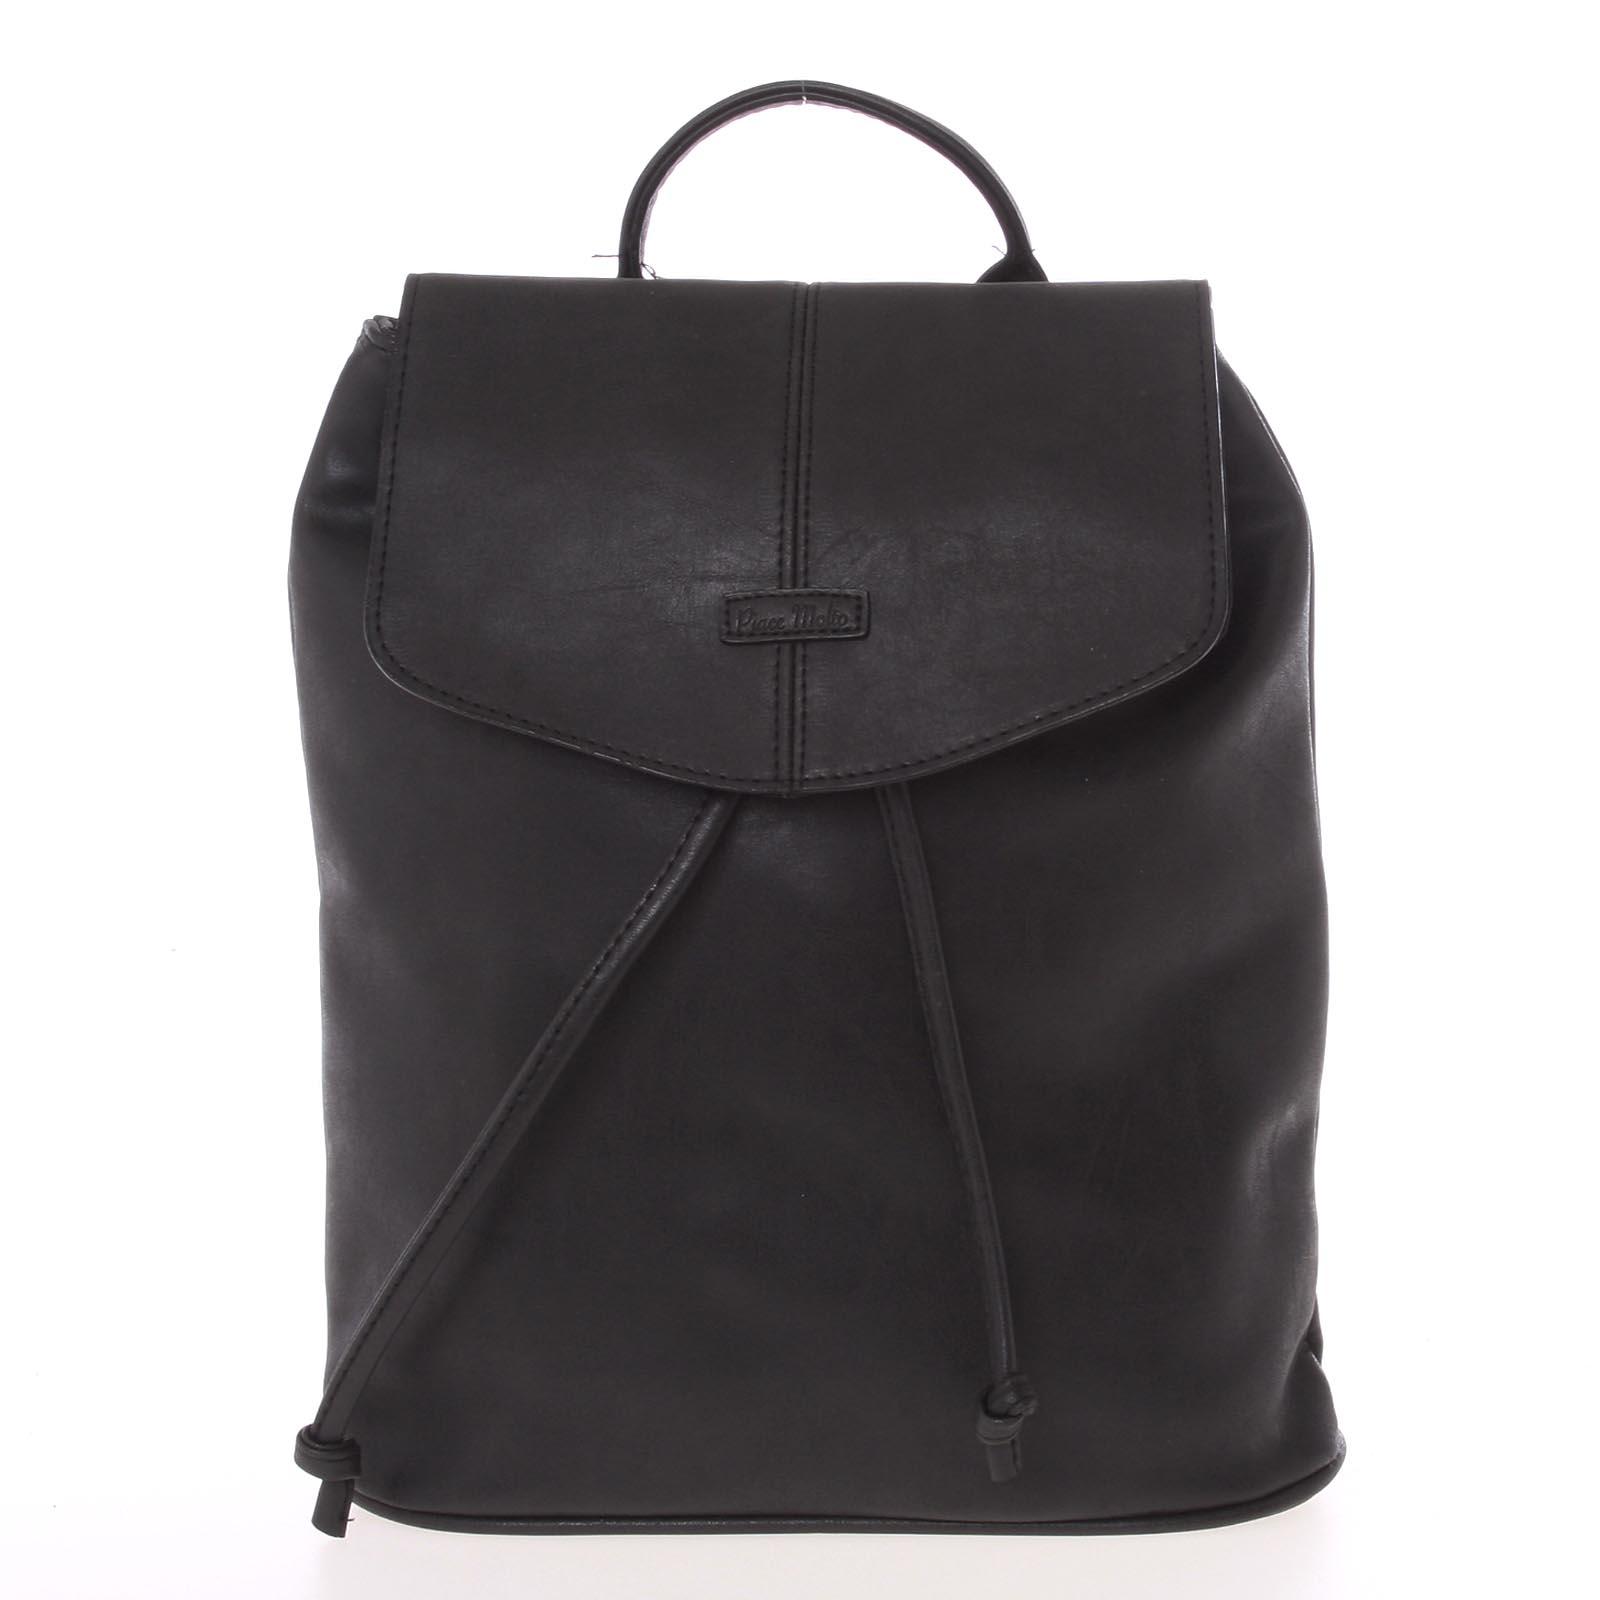 Kvalitní elegantní dámský černý batůžek - Piace Molto Floriant